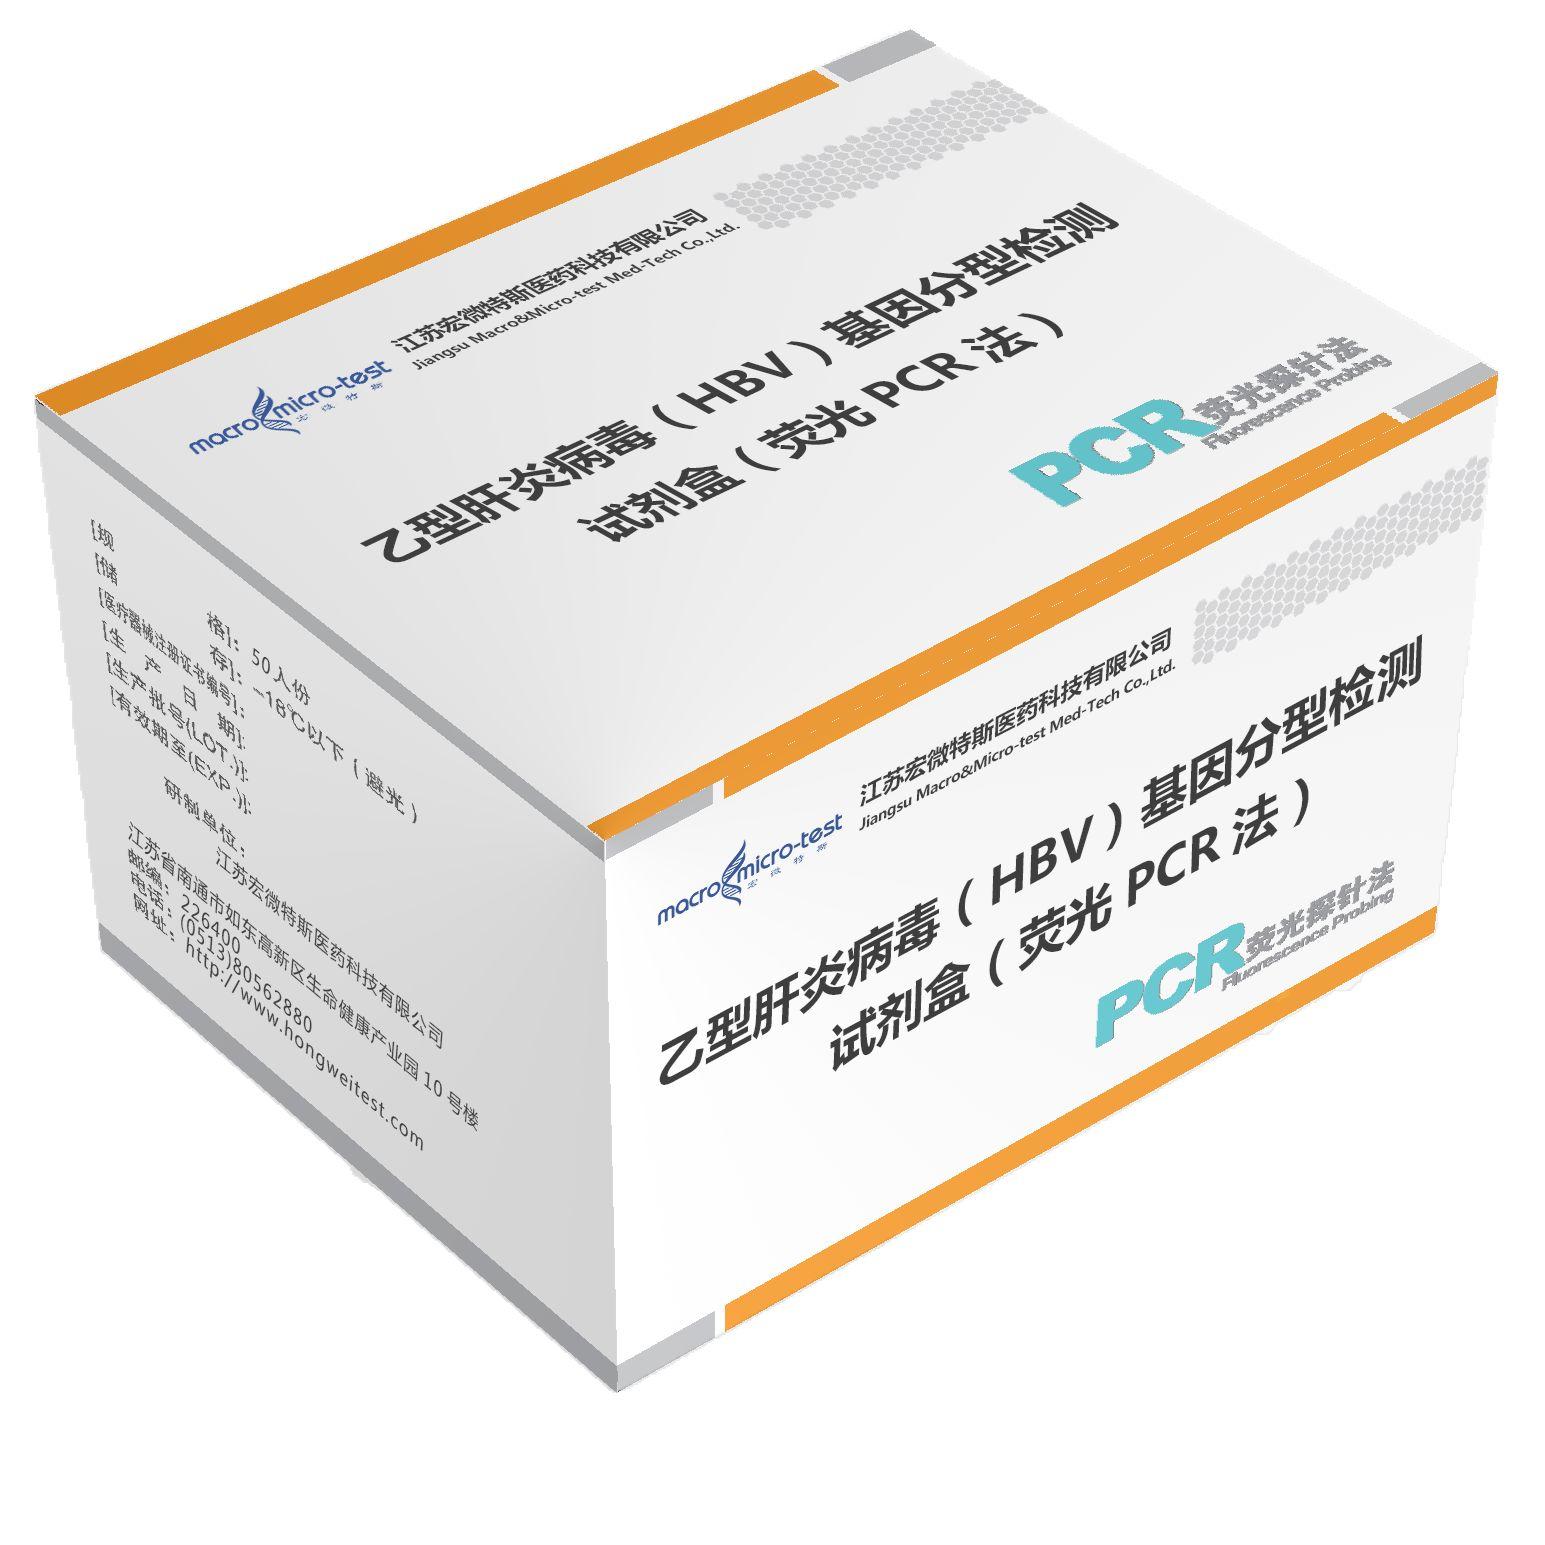 乙型肝炎病毒(HBV)基因分型检测试剂盒(荧光PCR法)